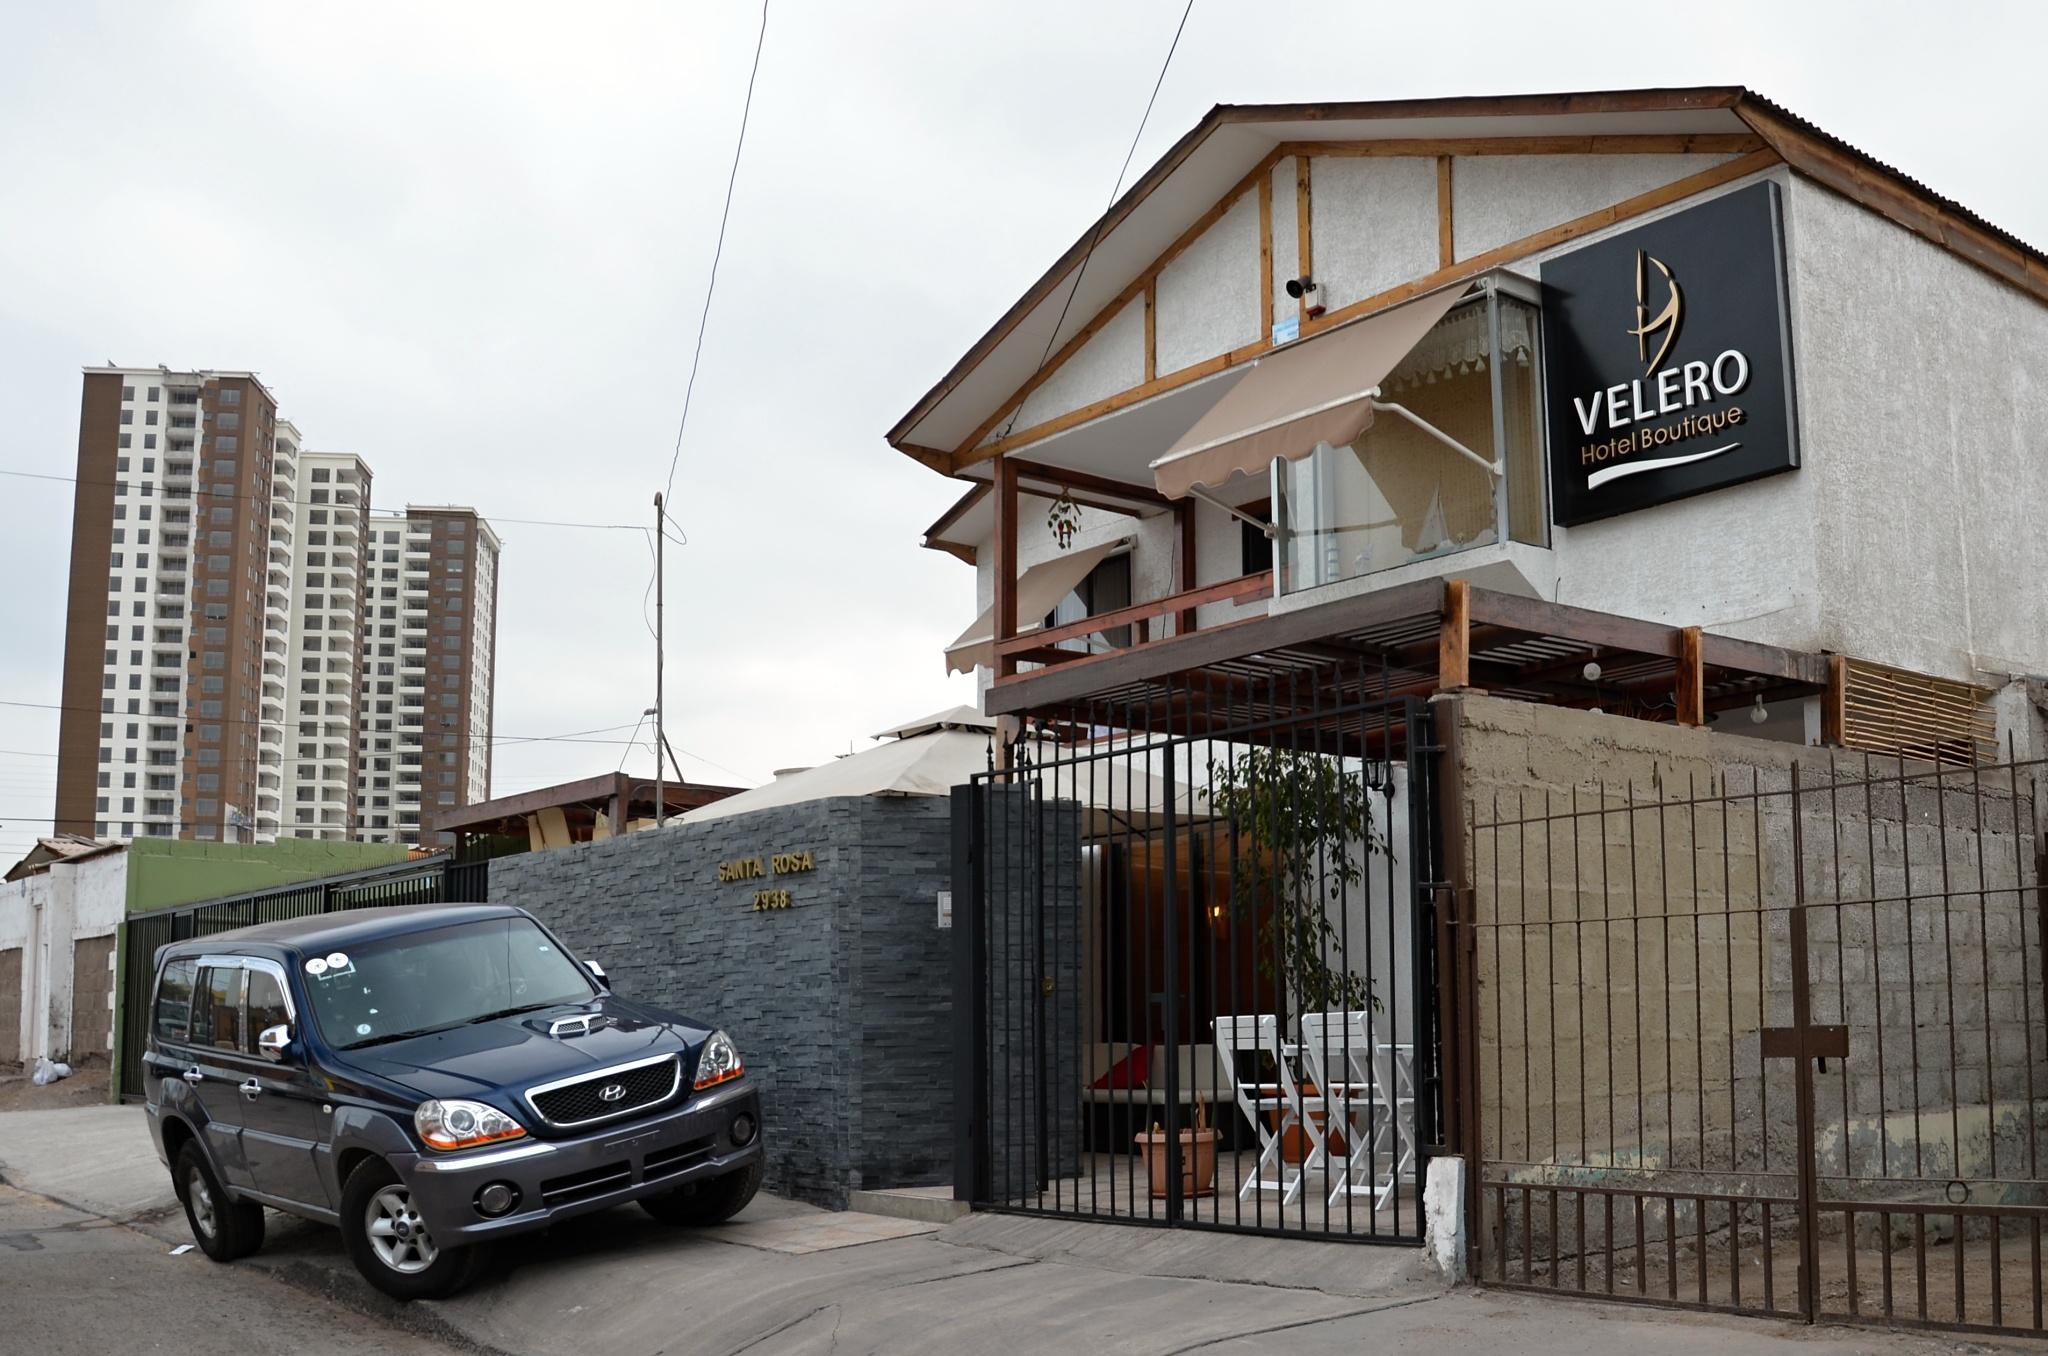 Hotel Velero v Iquique